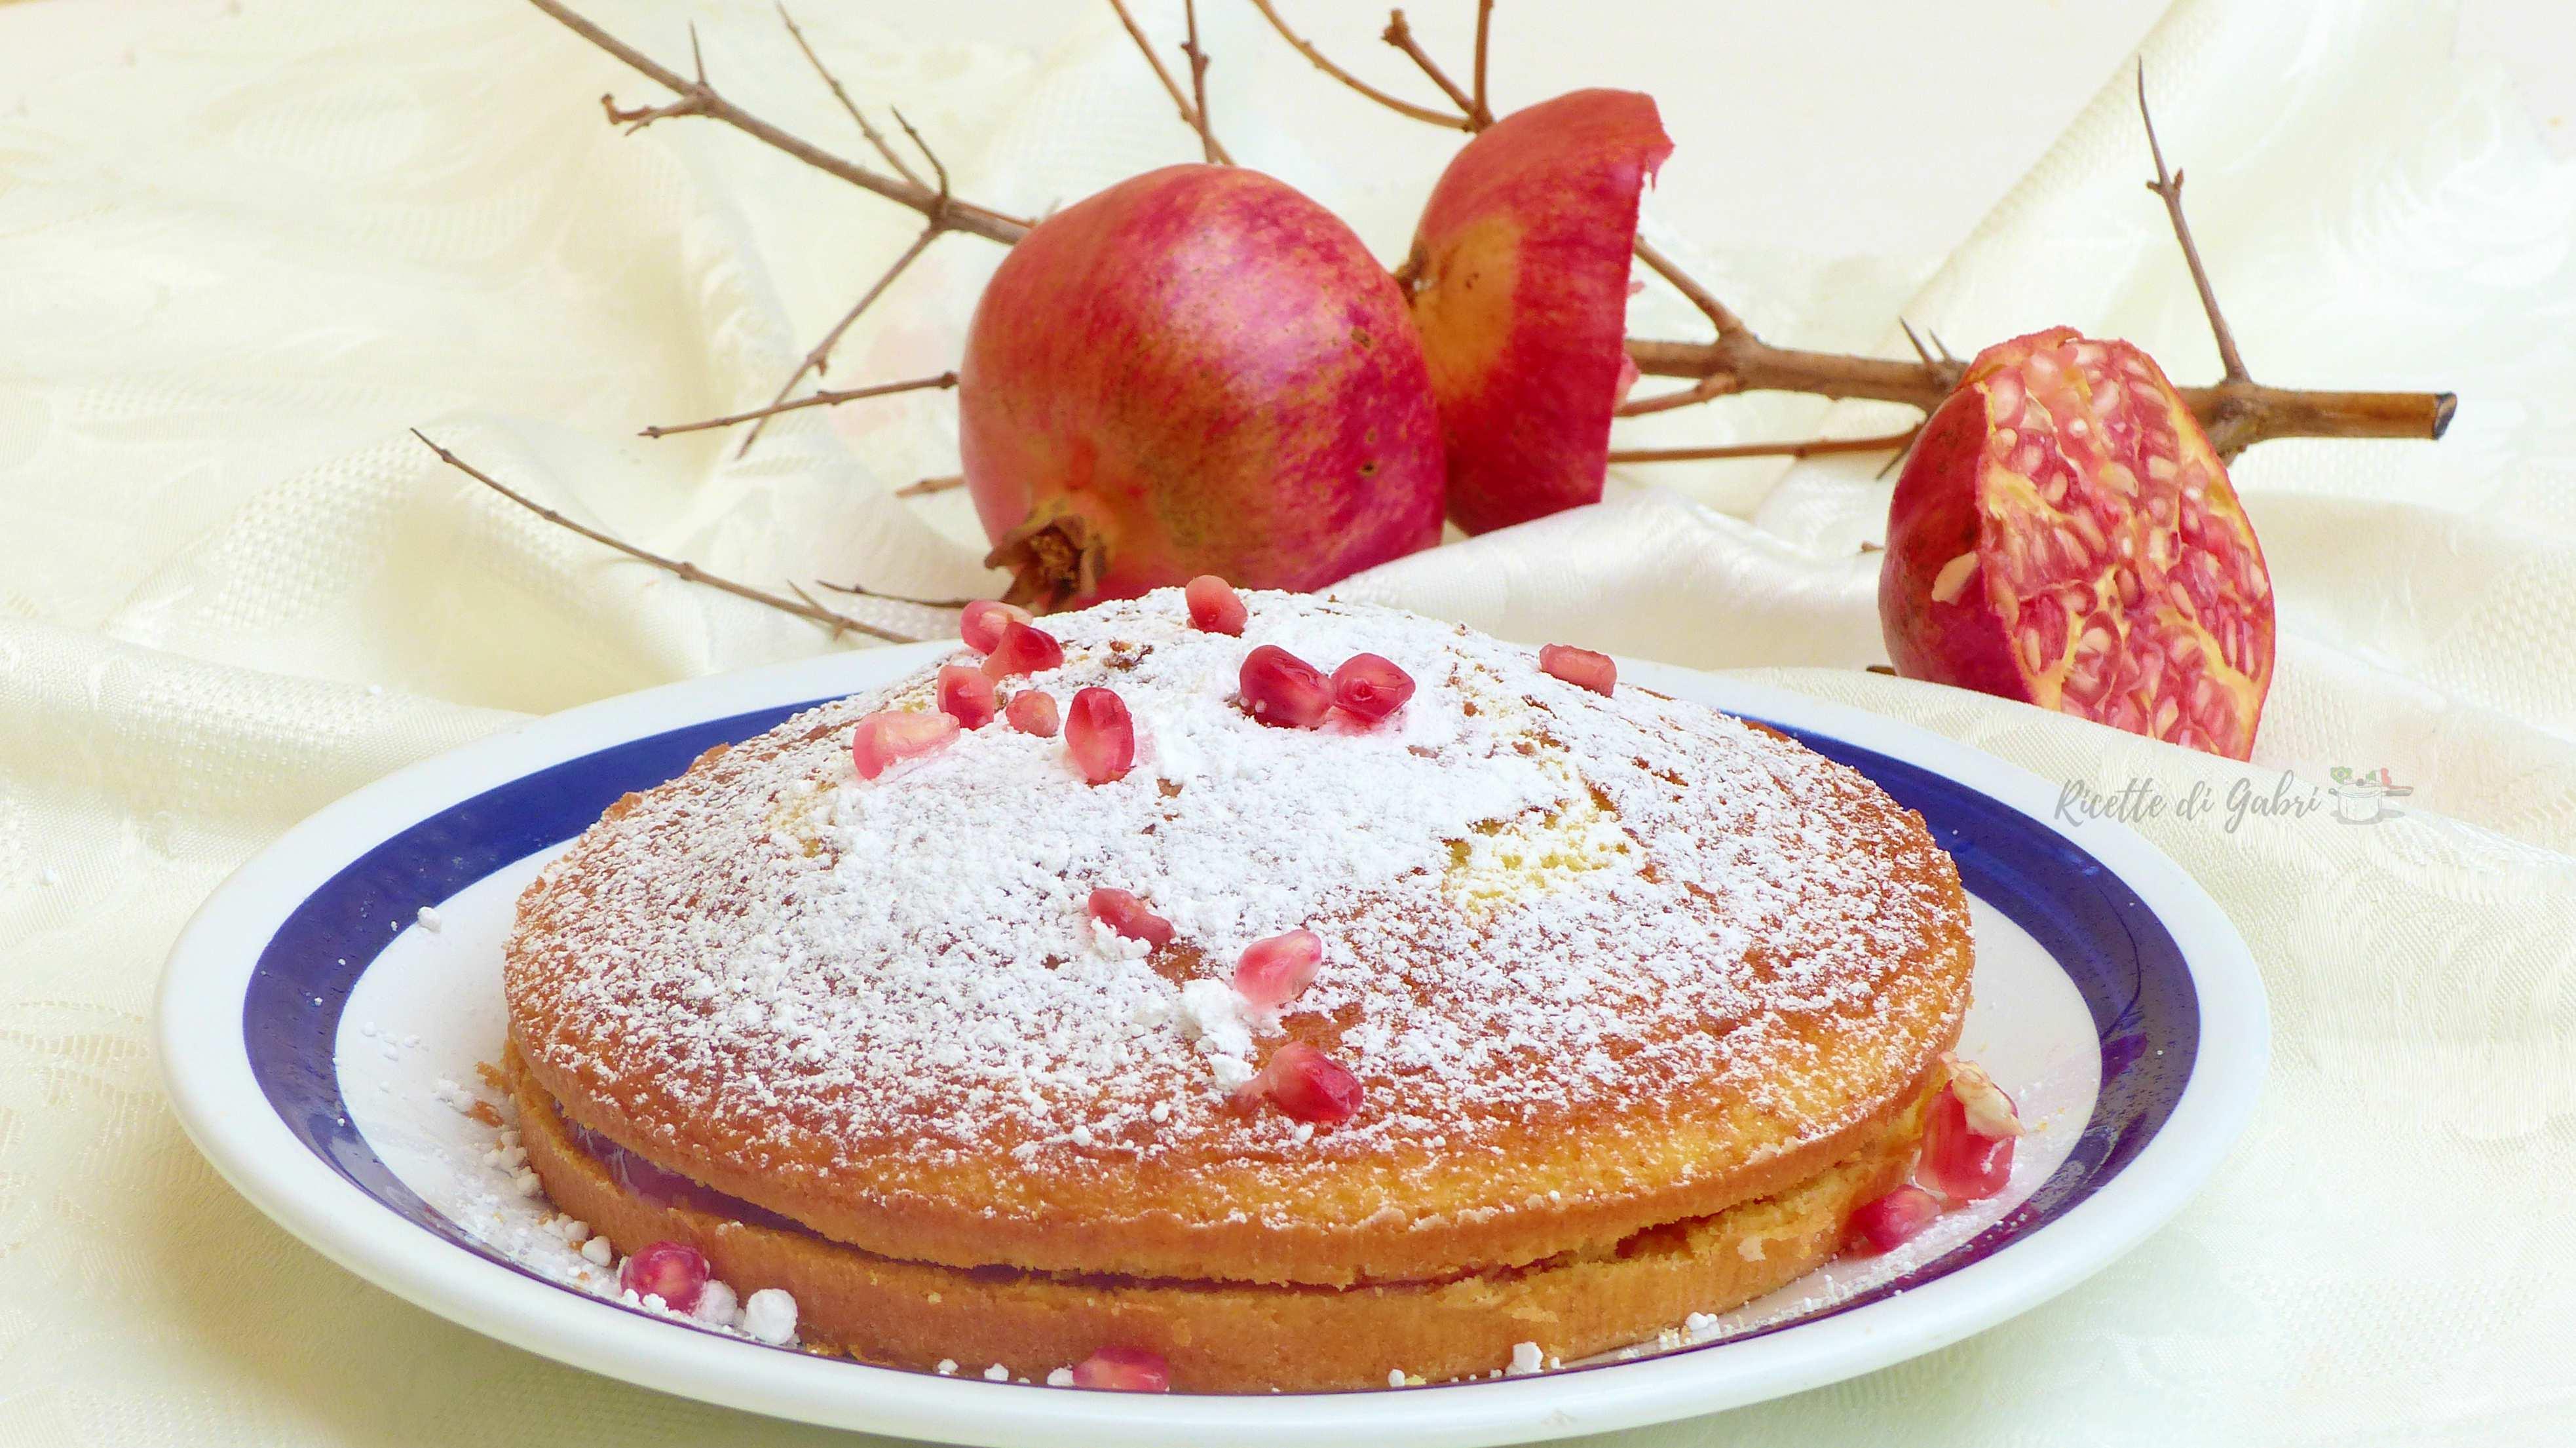 torta soffice con crema al melograno ricetta facile torta 12 cucchiai crema vegana